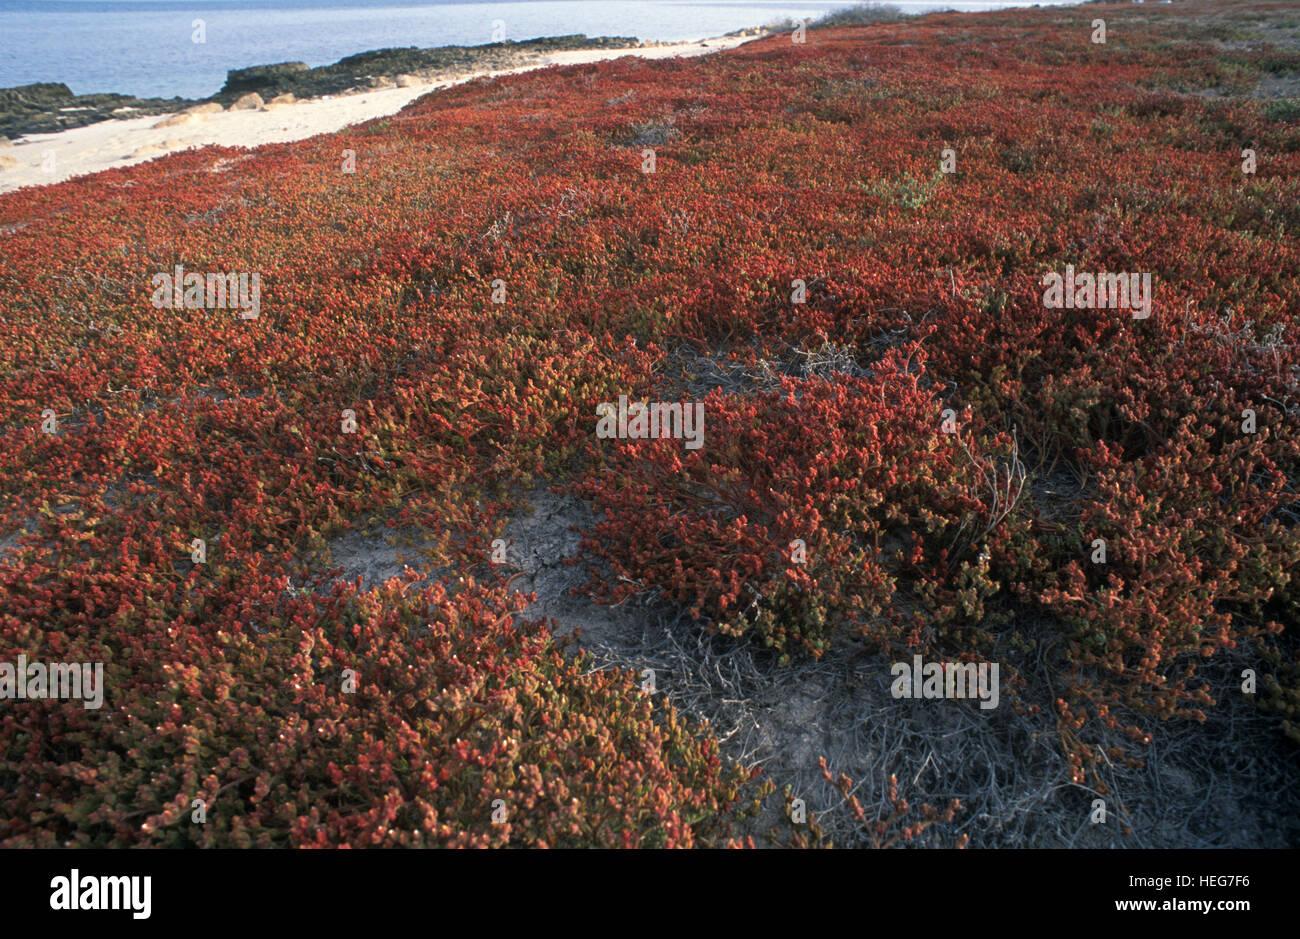 Coastal vegetation at Kubbar Island. Kuwait - Stock Image